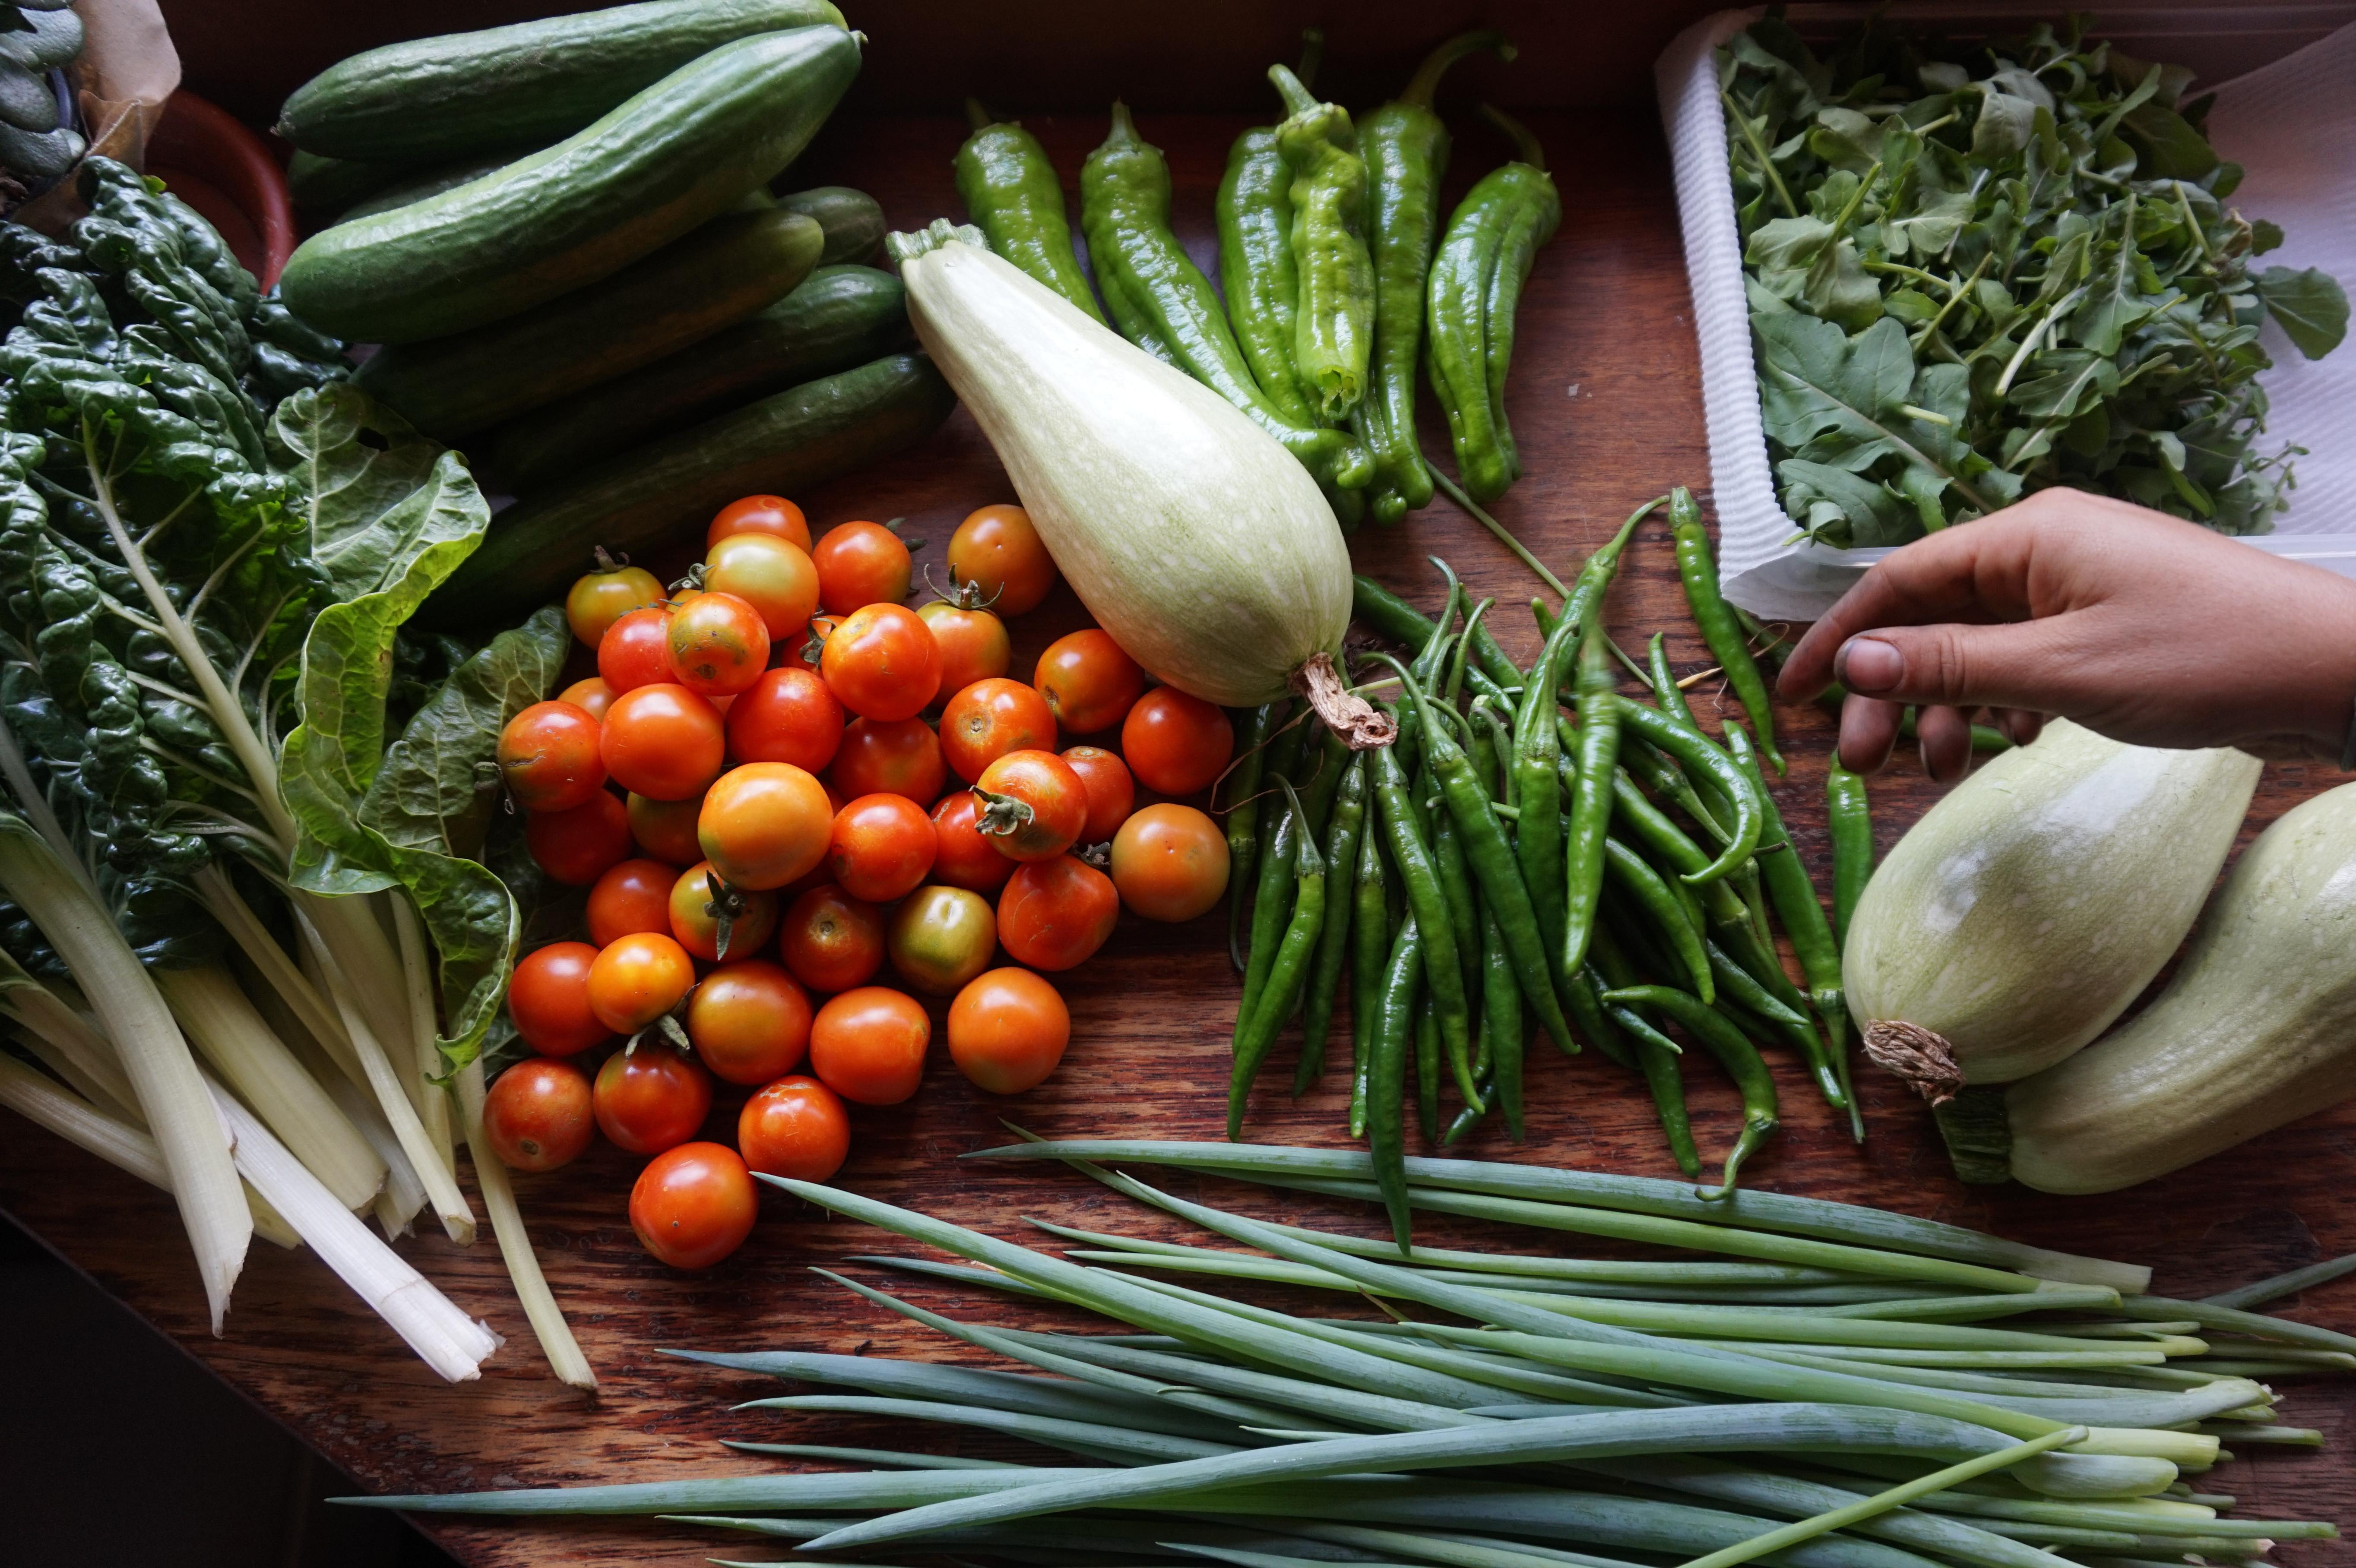 Coming Soon: Food Security Workshops